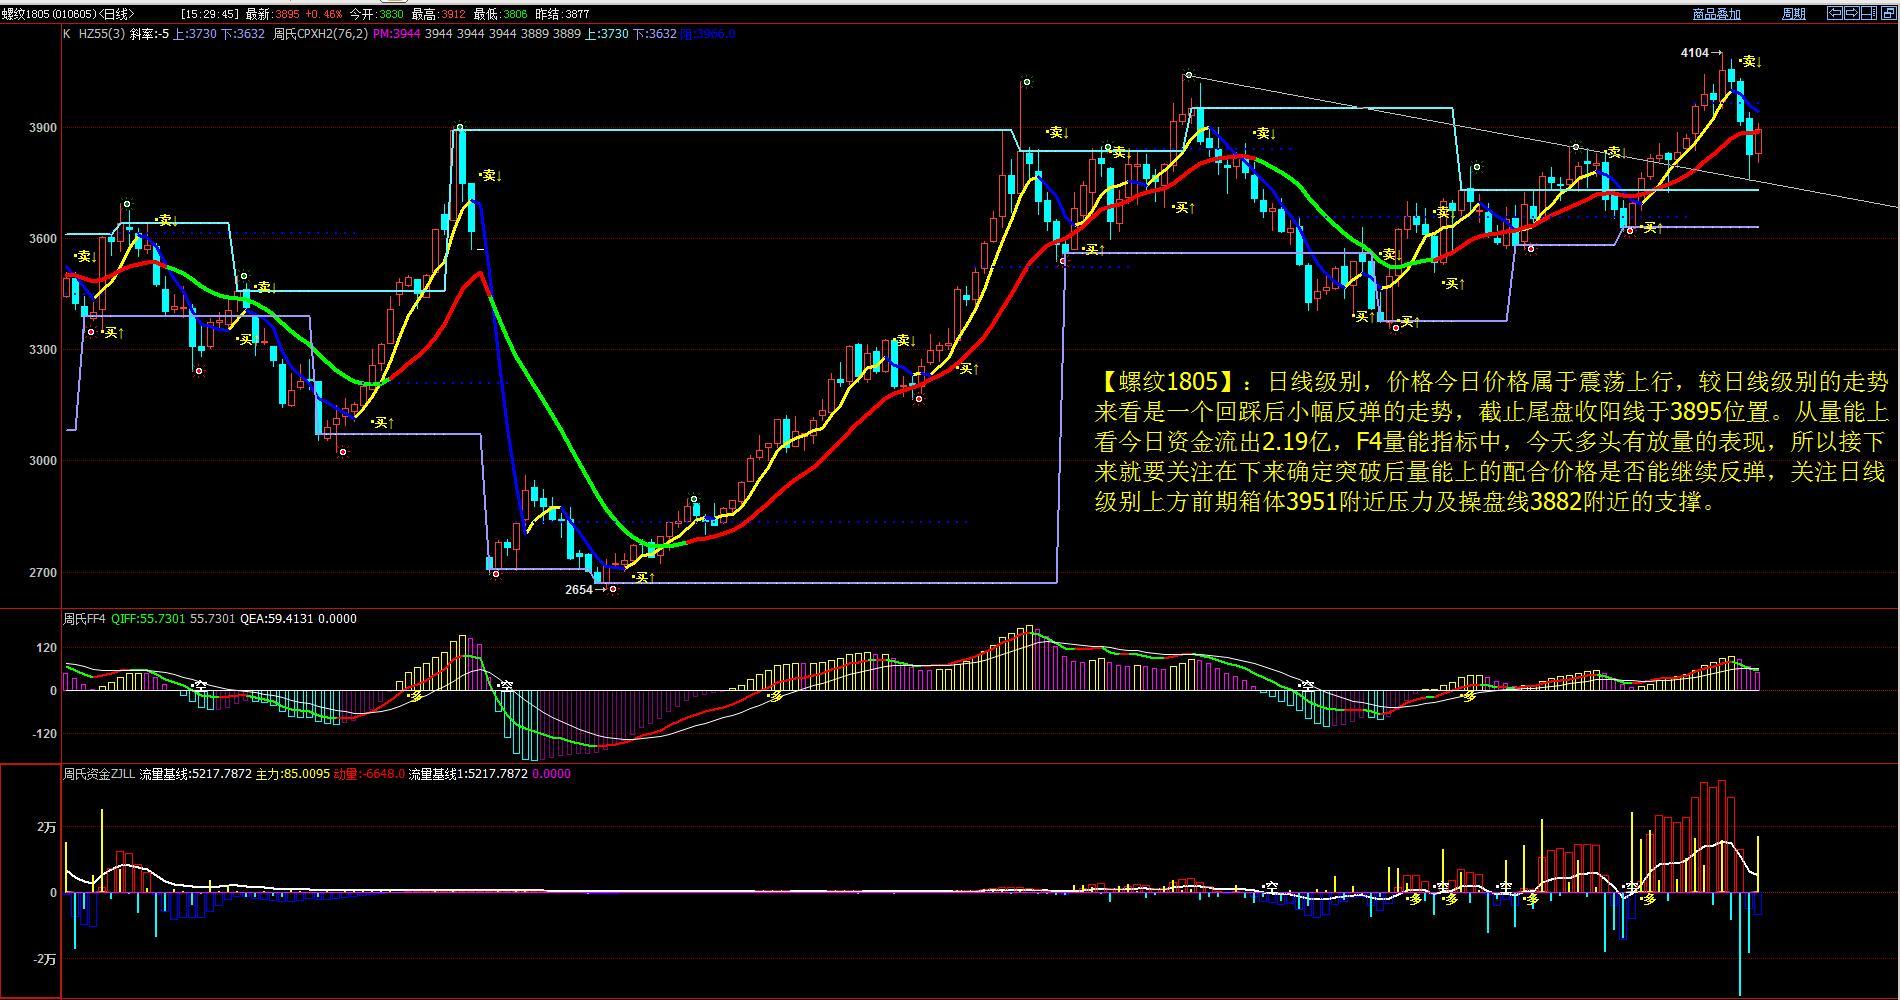 12月11日最新商品期货行情走势分析图